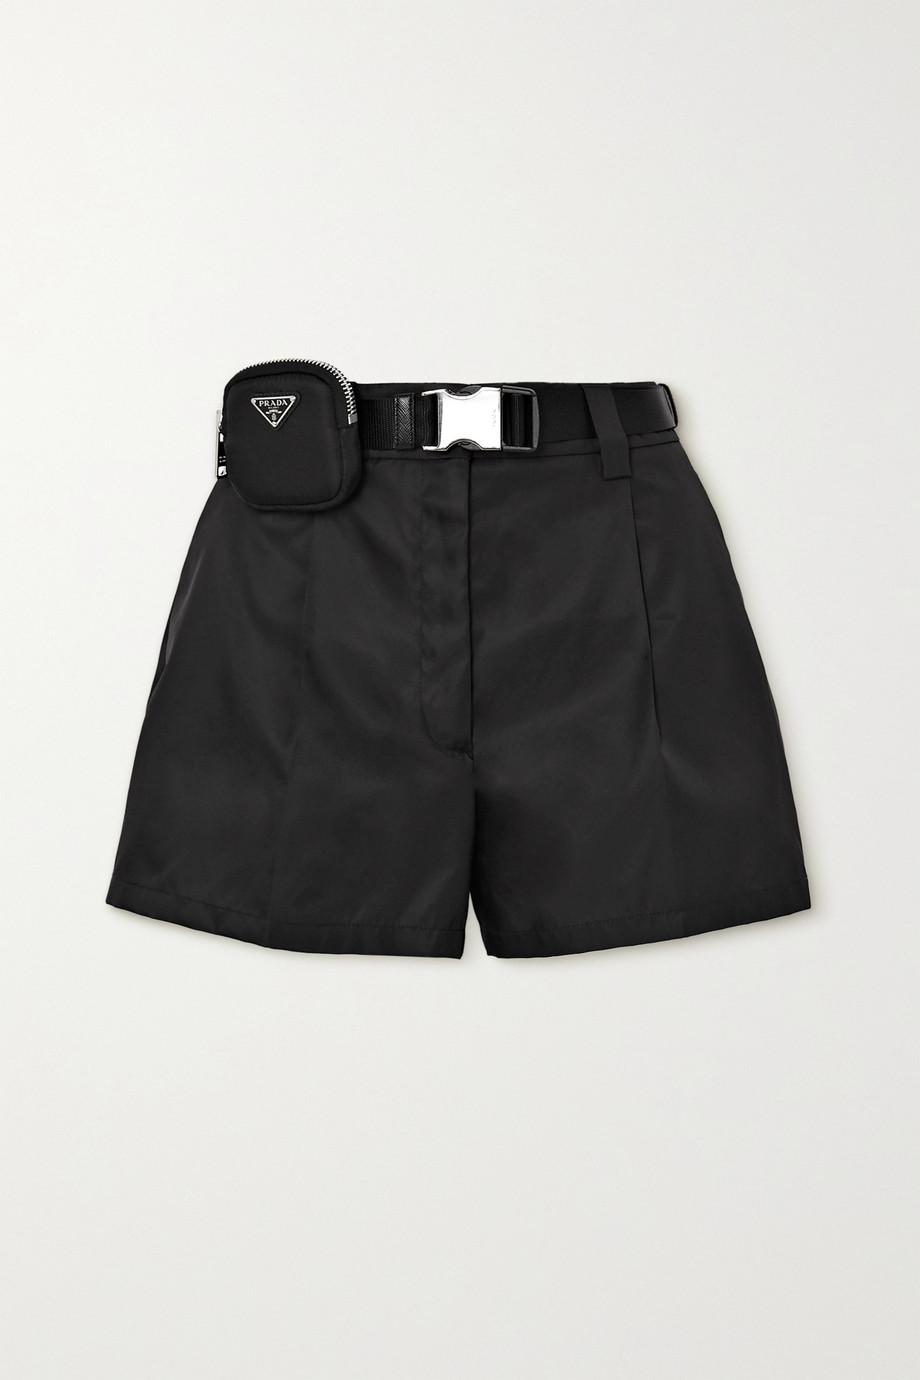 Prada Short en nylon à ceinture